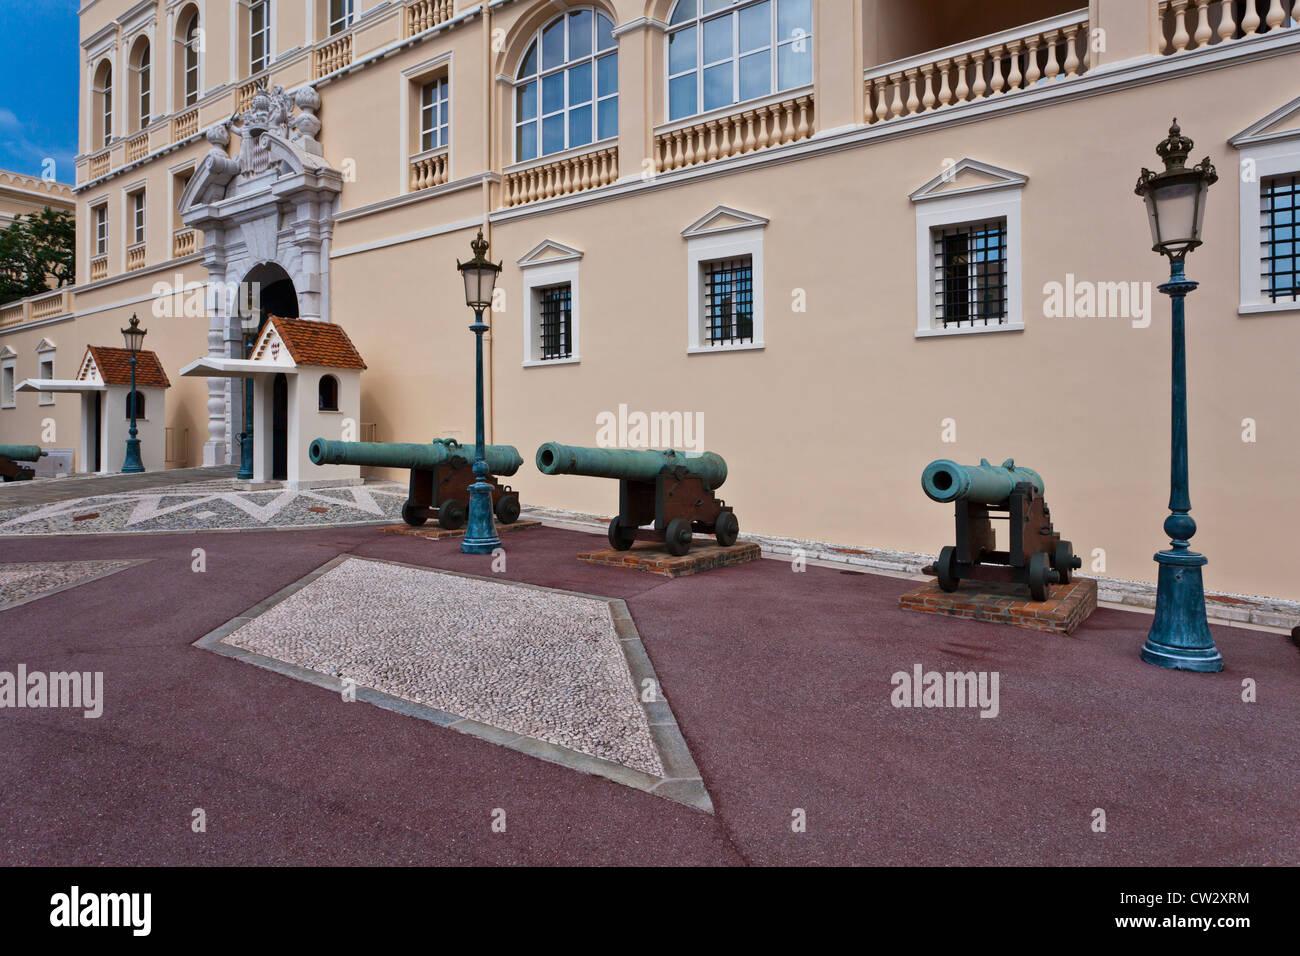 La storica entrata al Palazzo del Principe di Monaco con pistole di Canon. Immagini Stock